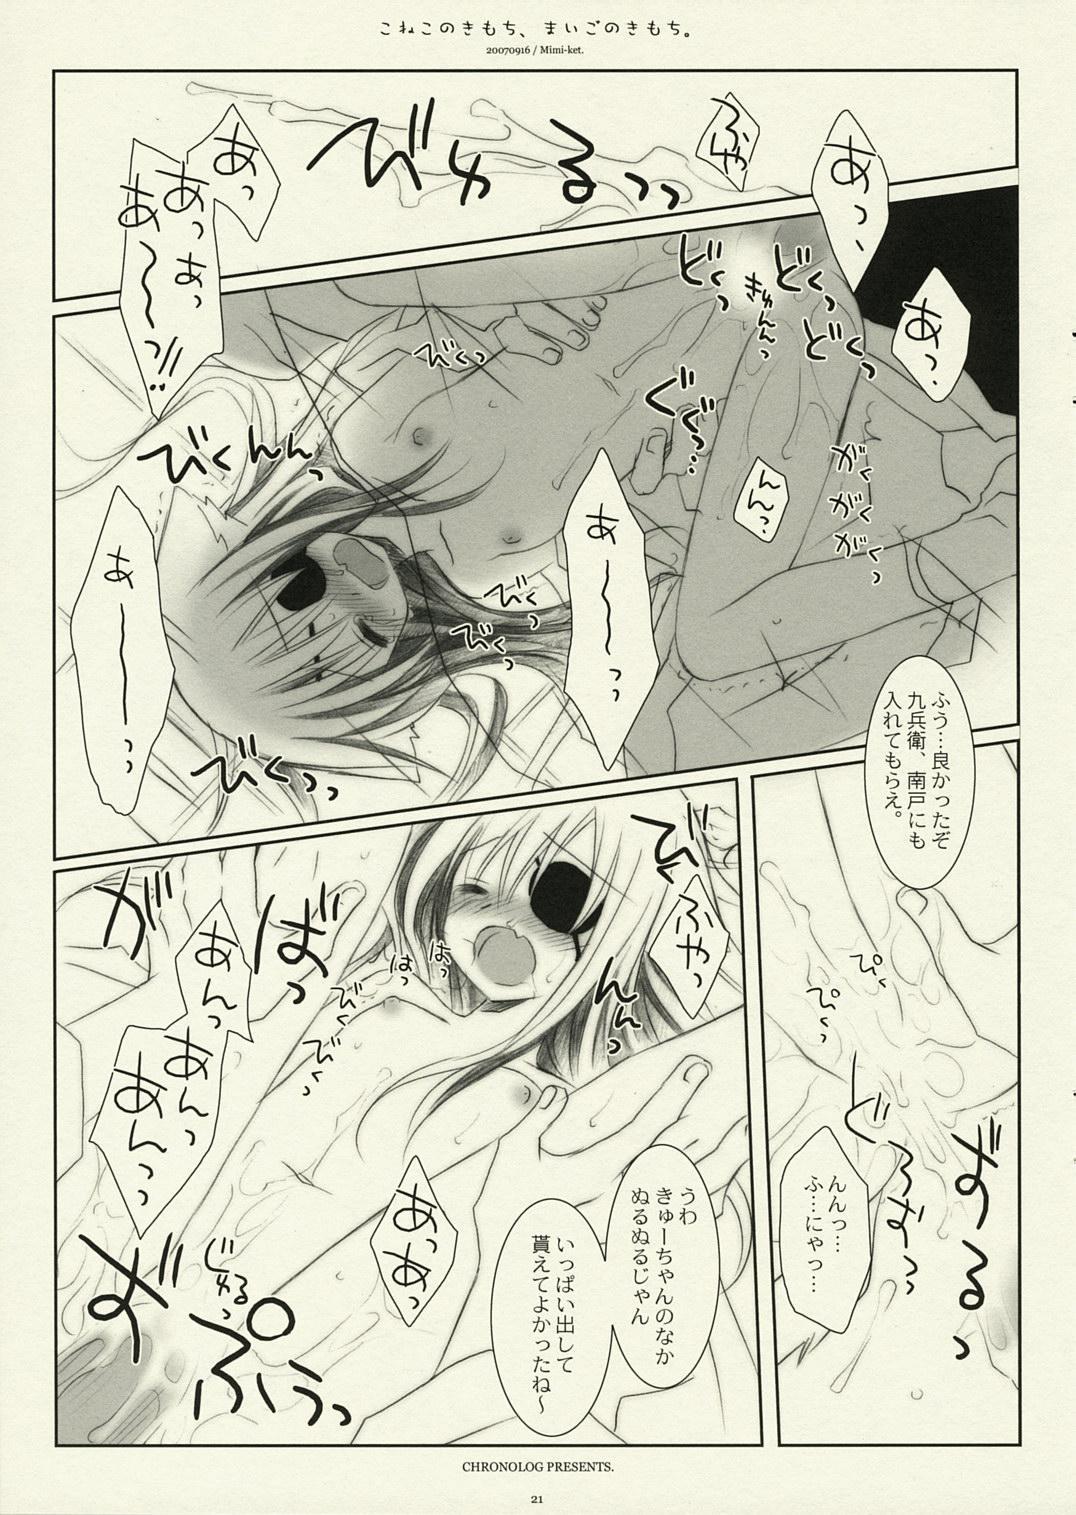 Koneko no Kimochi, Maigo no Kimochi. 19